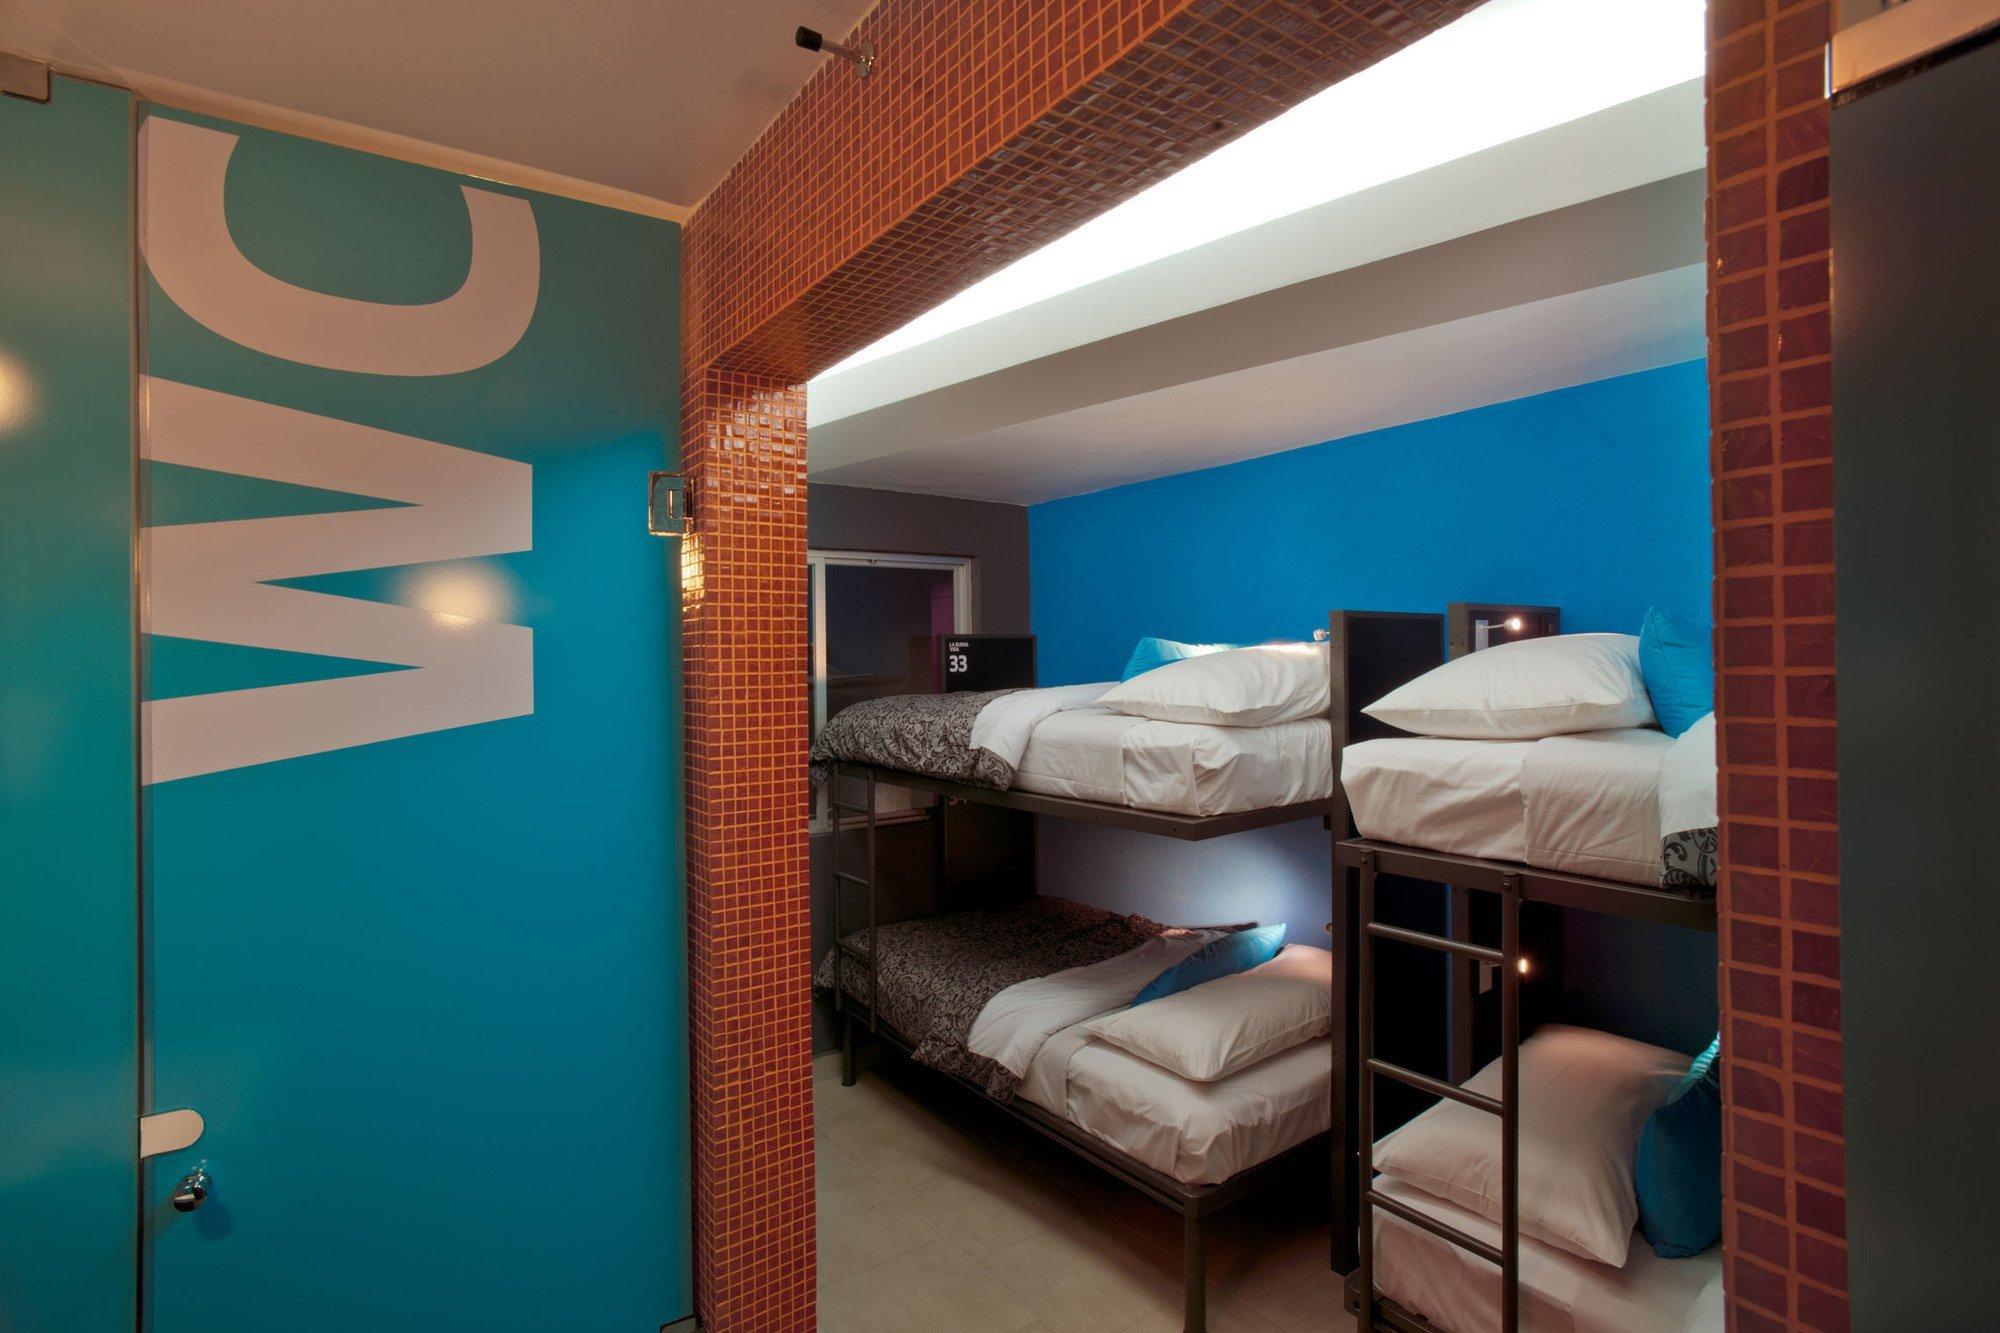 Gallery of hostel la buena vida arco arquitectura for Room decor ideas in hostel